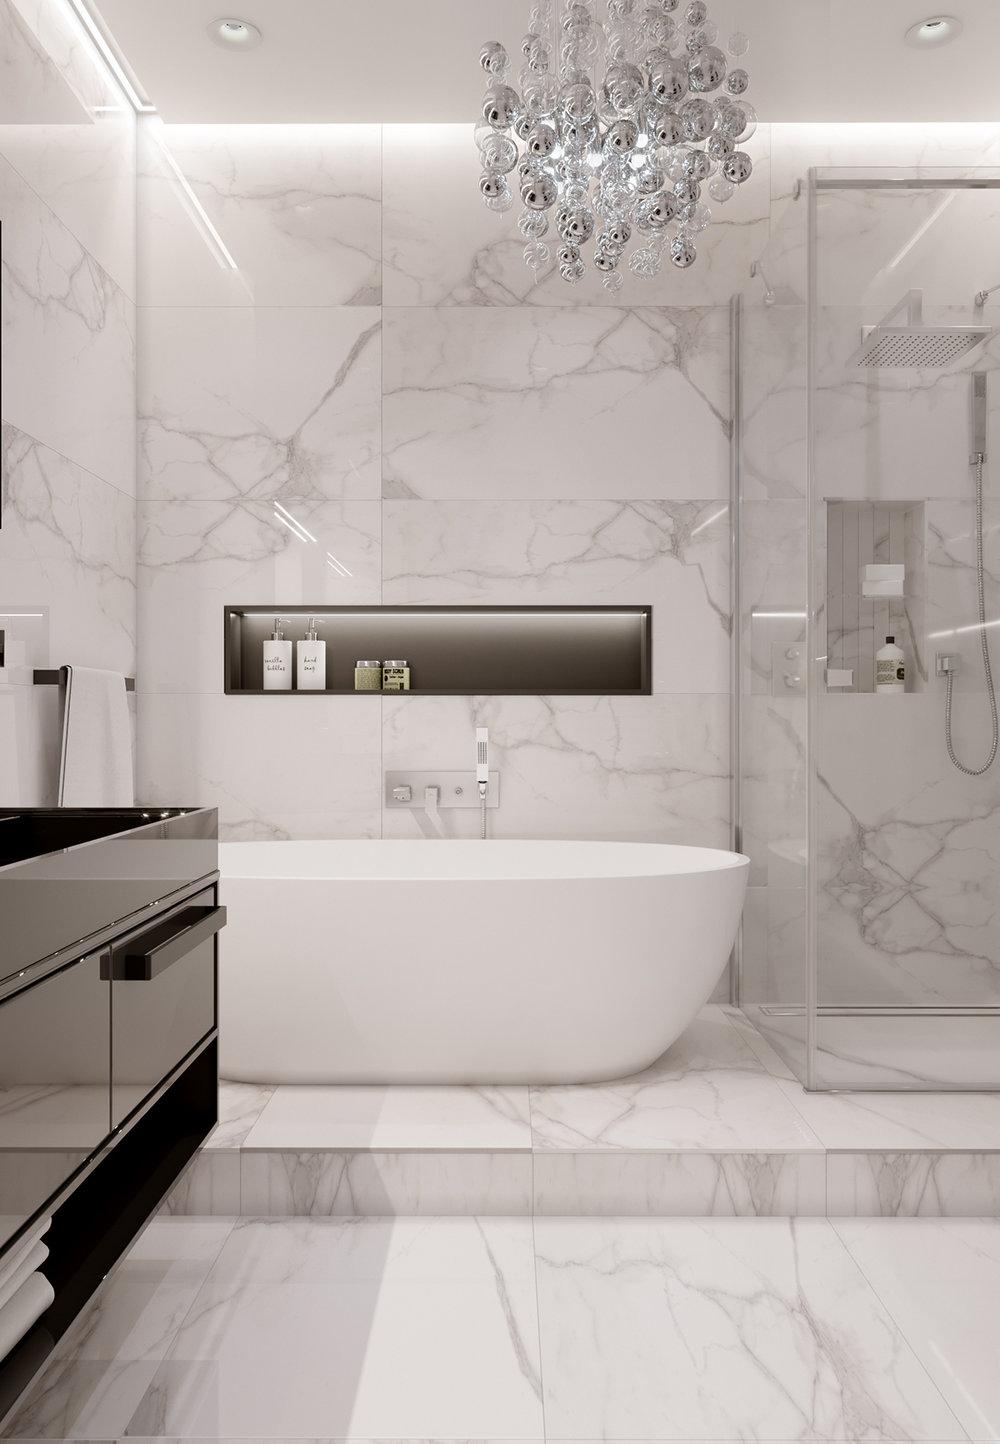 27.Ванная комната вариант_2_ракурс_2.jpg